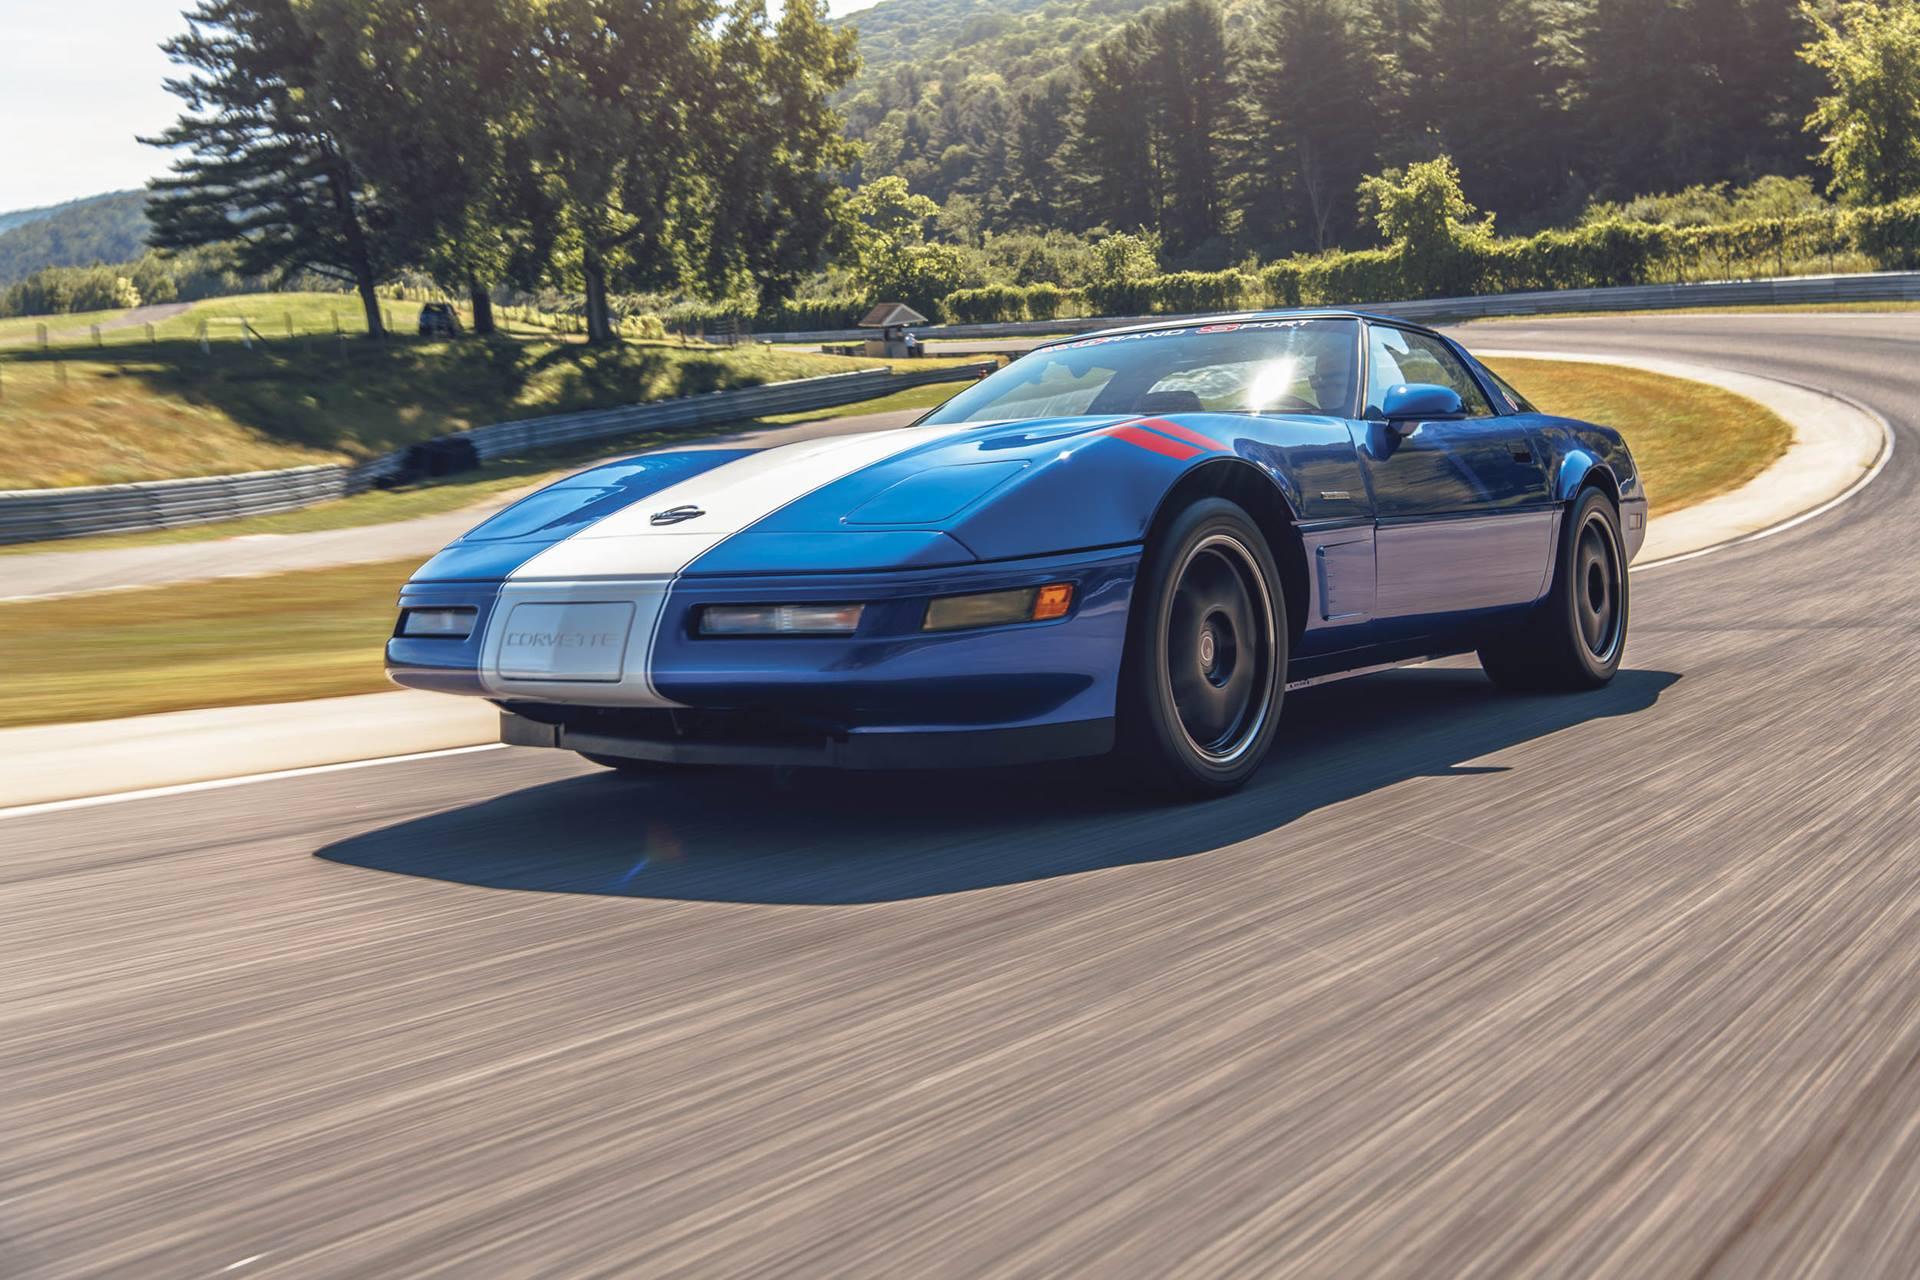 DW Burnett 1996 Corvette Grand Sport